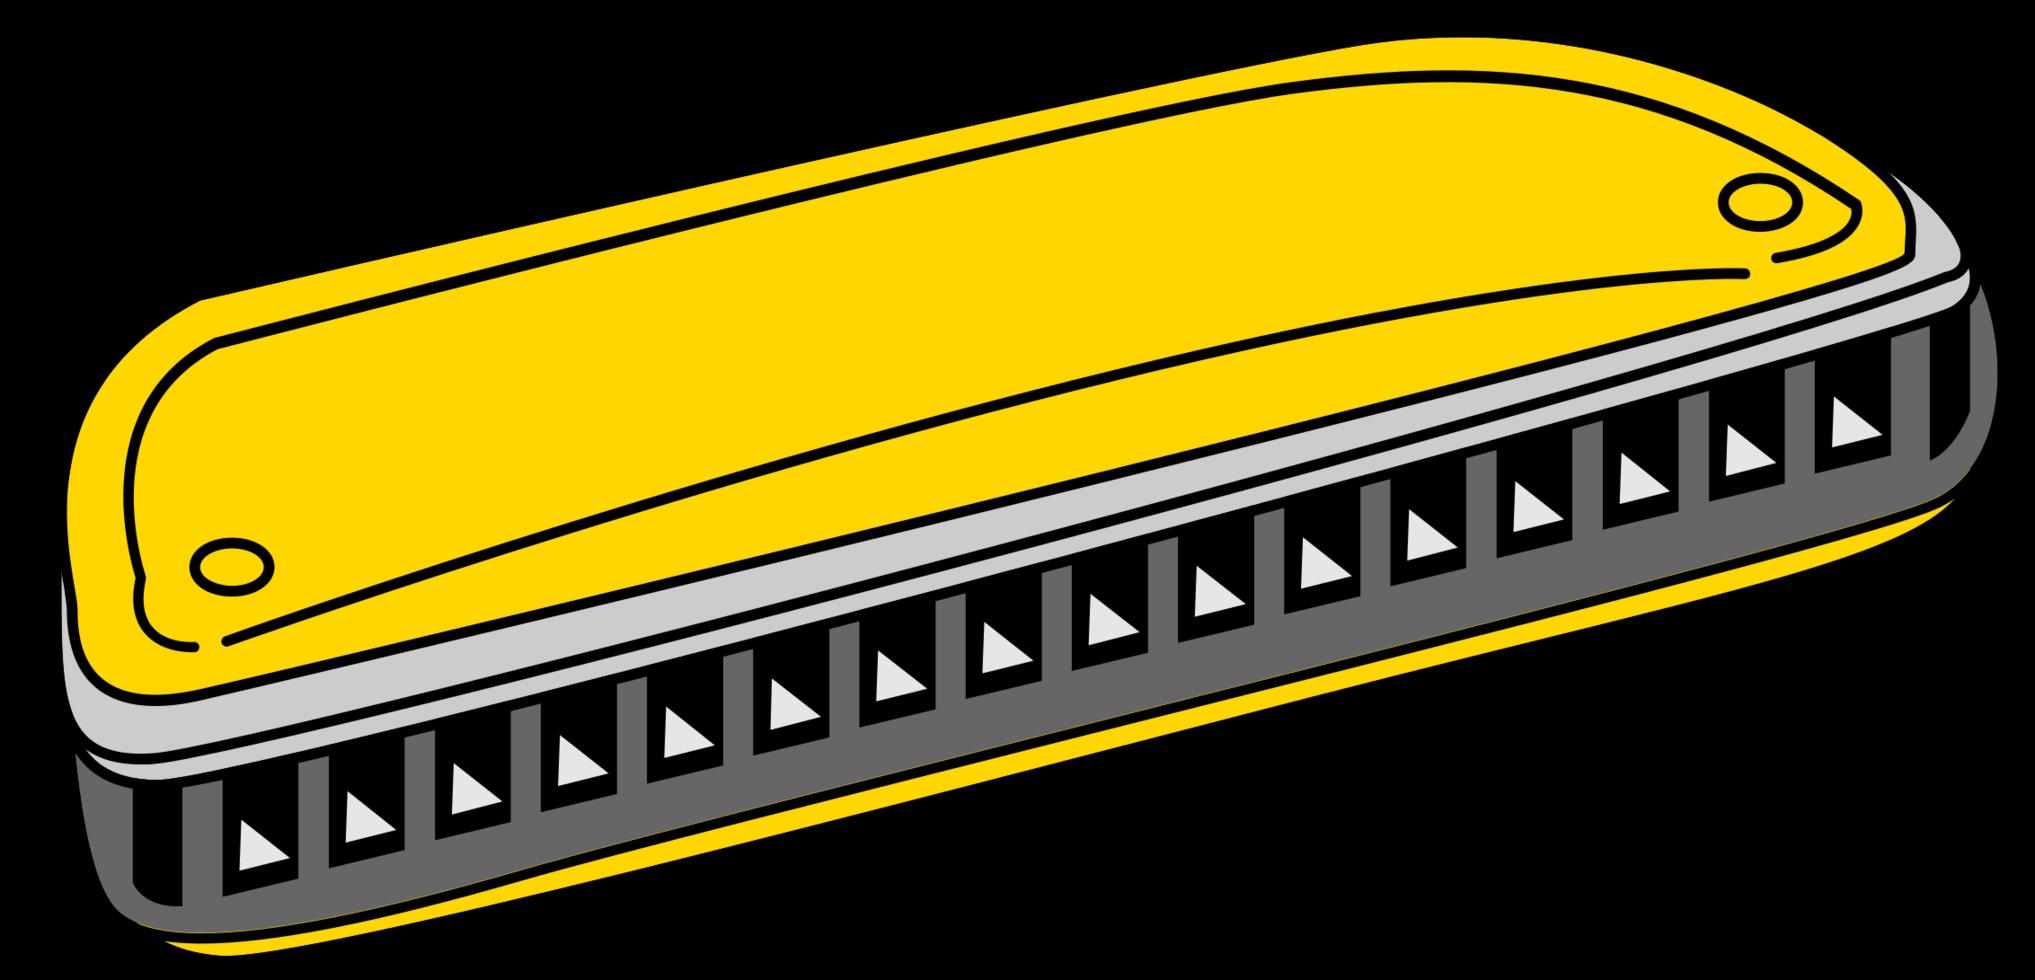 muziekinstrument mondharmonica png